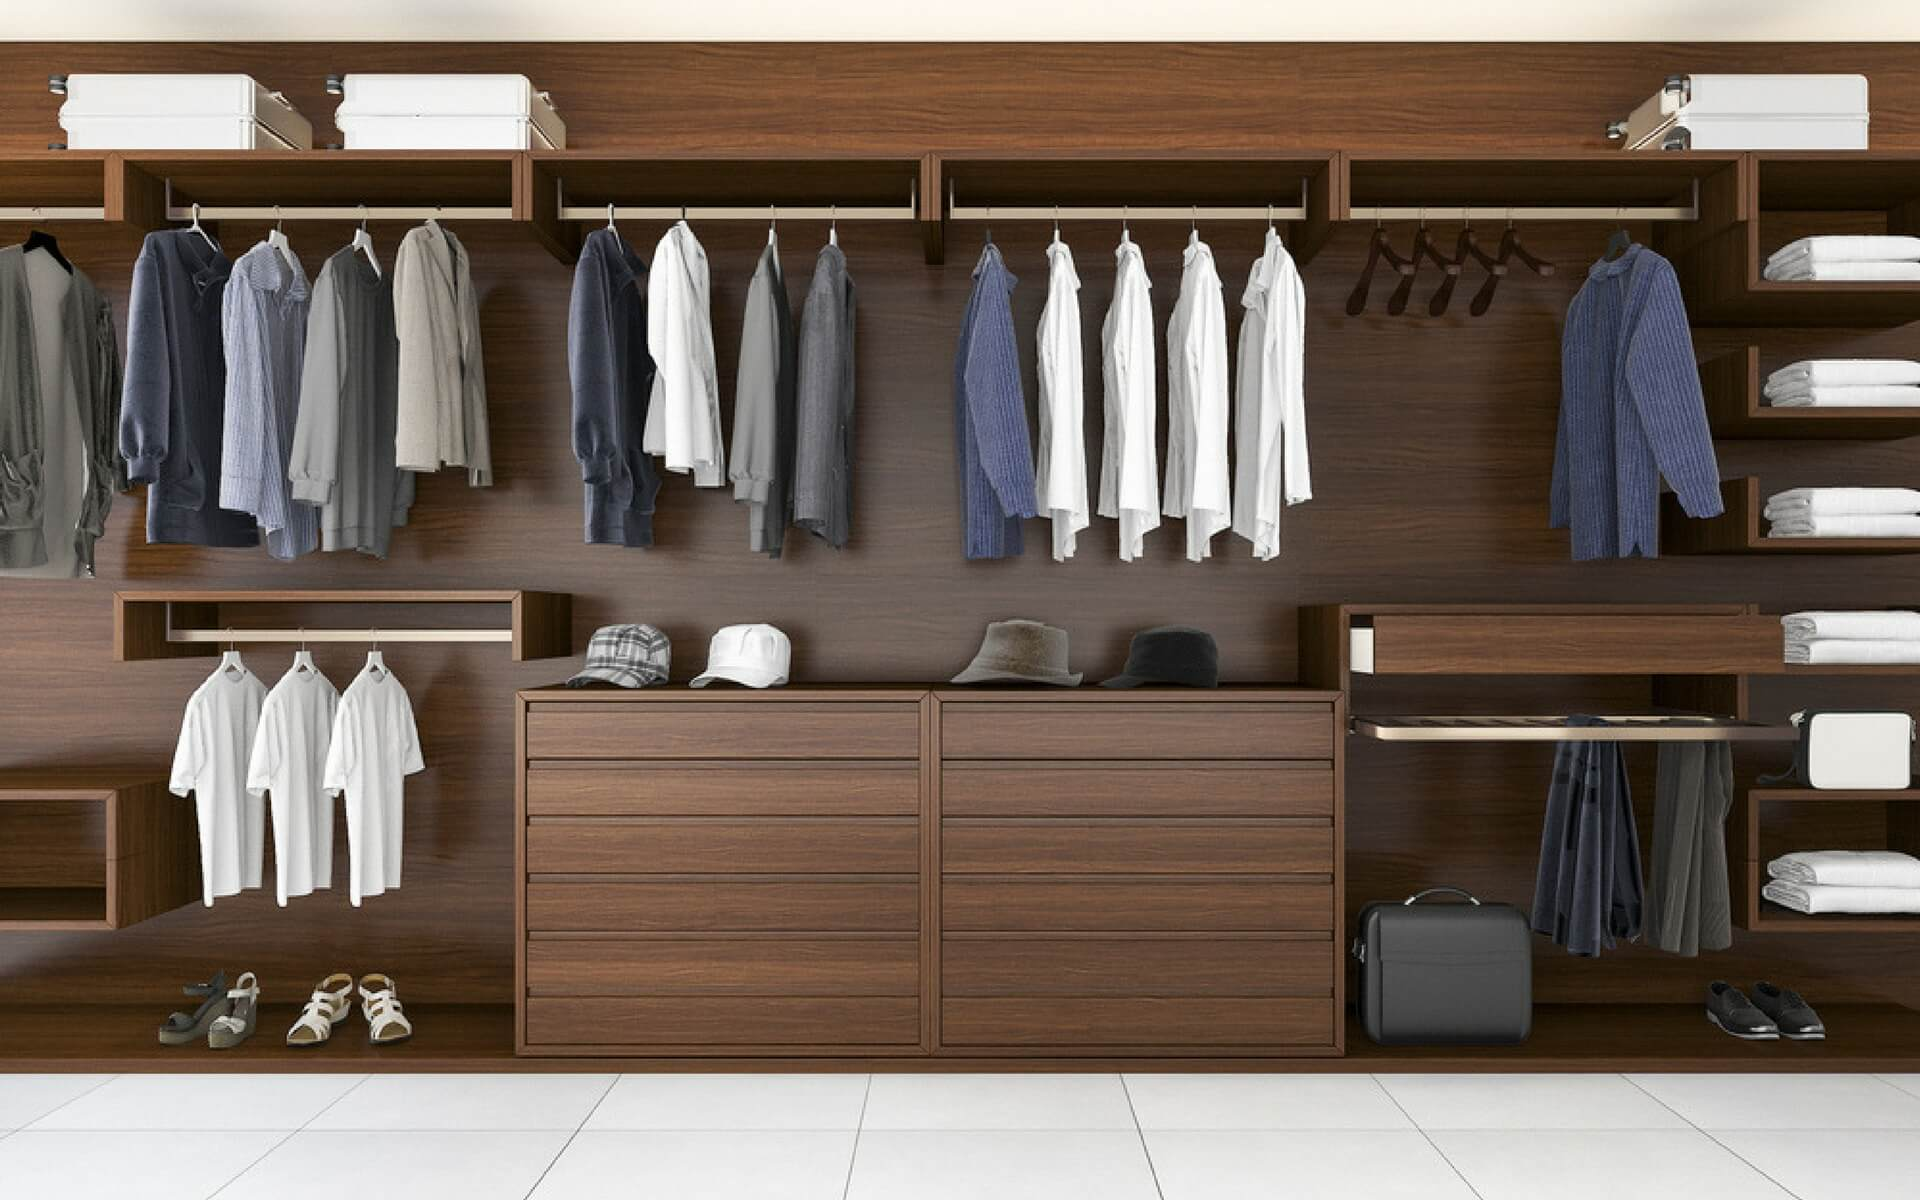 Come ricavare e organizzare una cabina armadio in casa - Cabina armadio con finestra ...